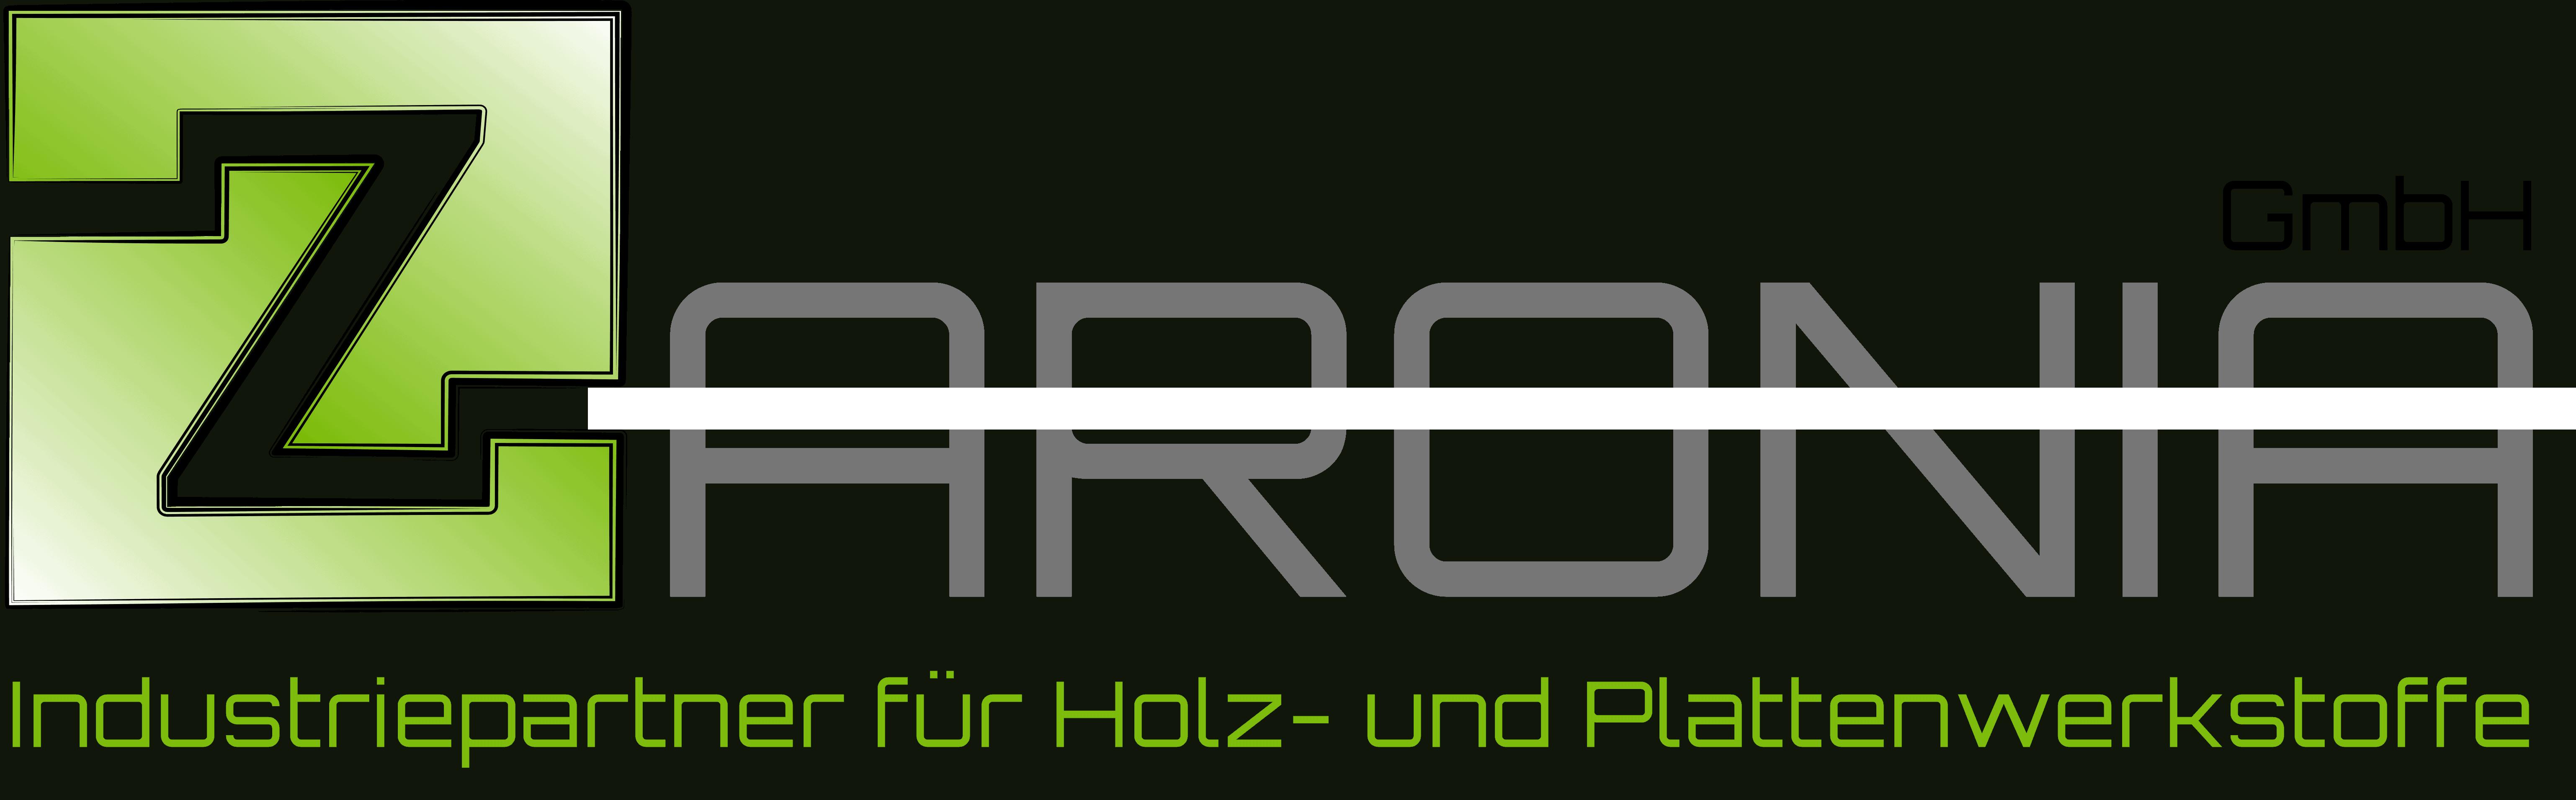 Logo Zaronia GmbH